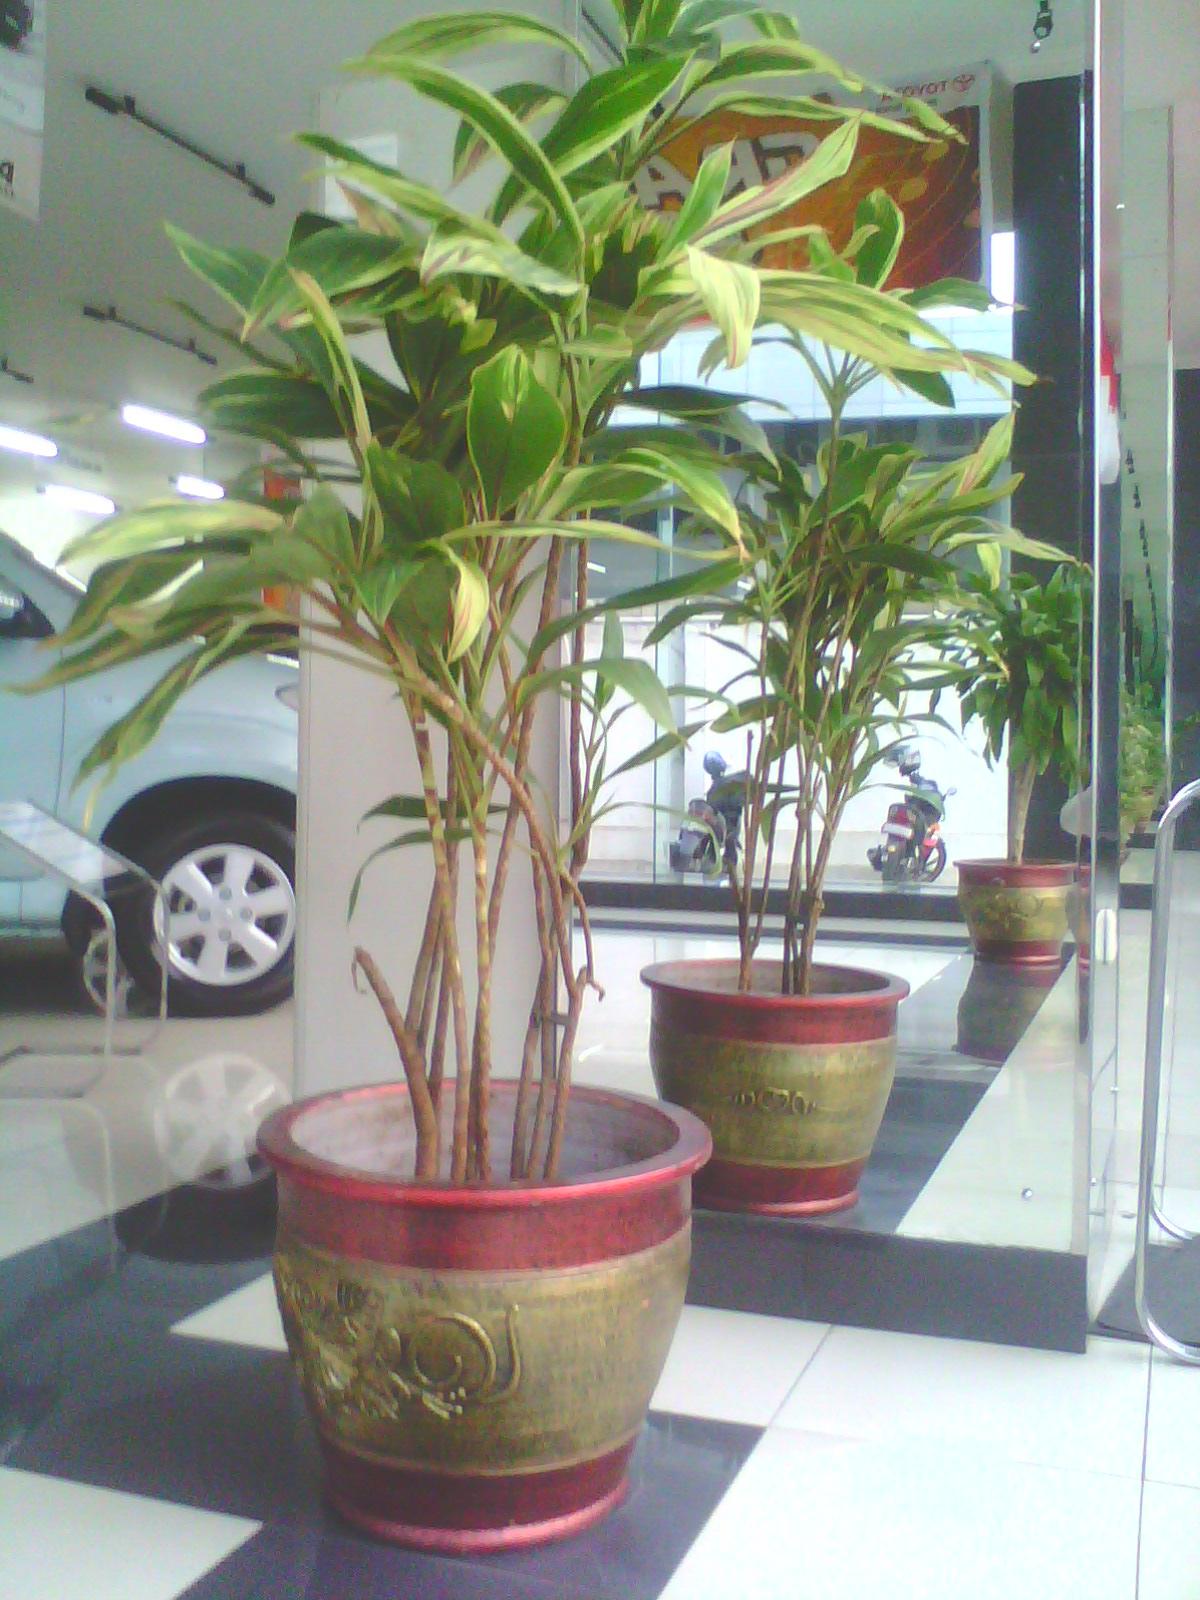 sewa tanaman | andong terang | Ukuran Tinggi | Telp. 021-70057111 Hp. 08561577500